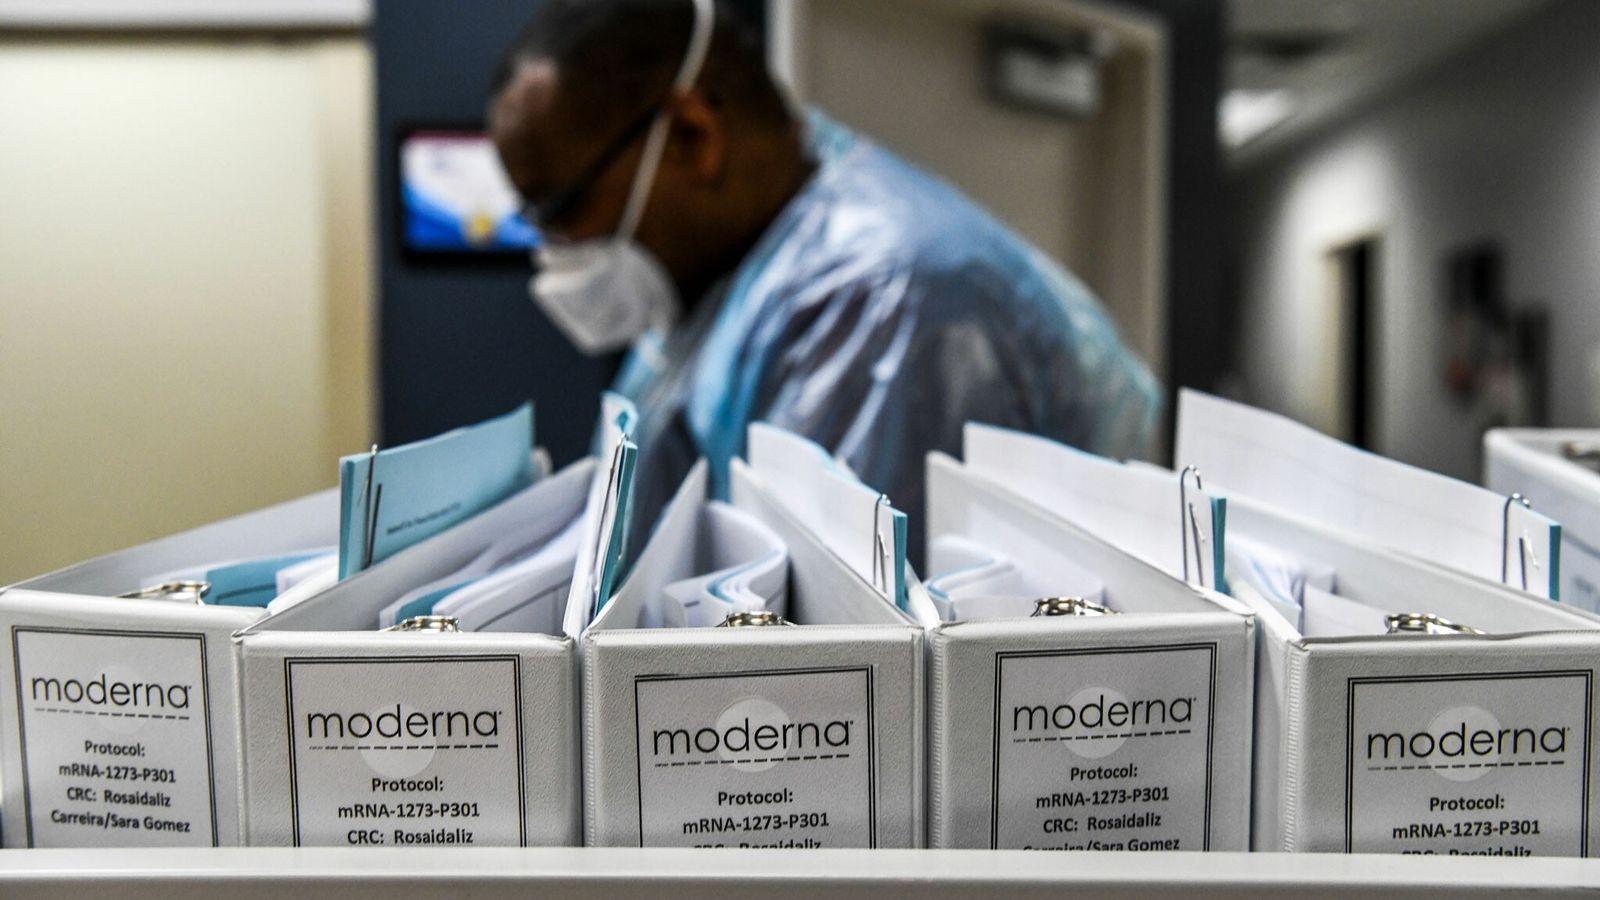 Los archivos de protocolo de la empresa de biotecnología Moderna para las vacunas contra el COVID-19 ...